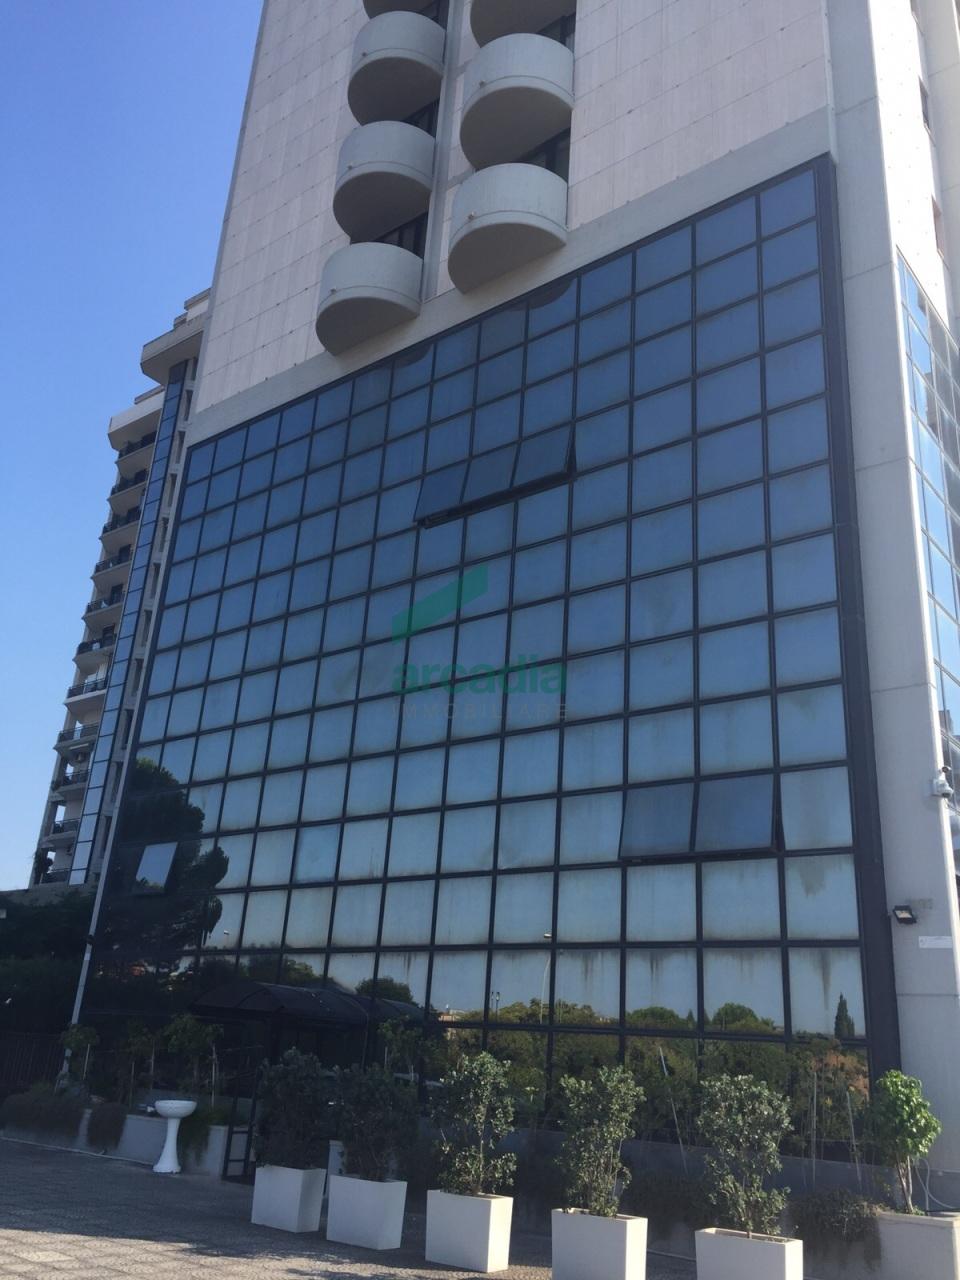 Diviso in ambienti/Locali in affitto a Bari in Via Rodolfo Redi